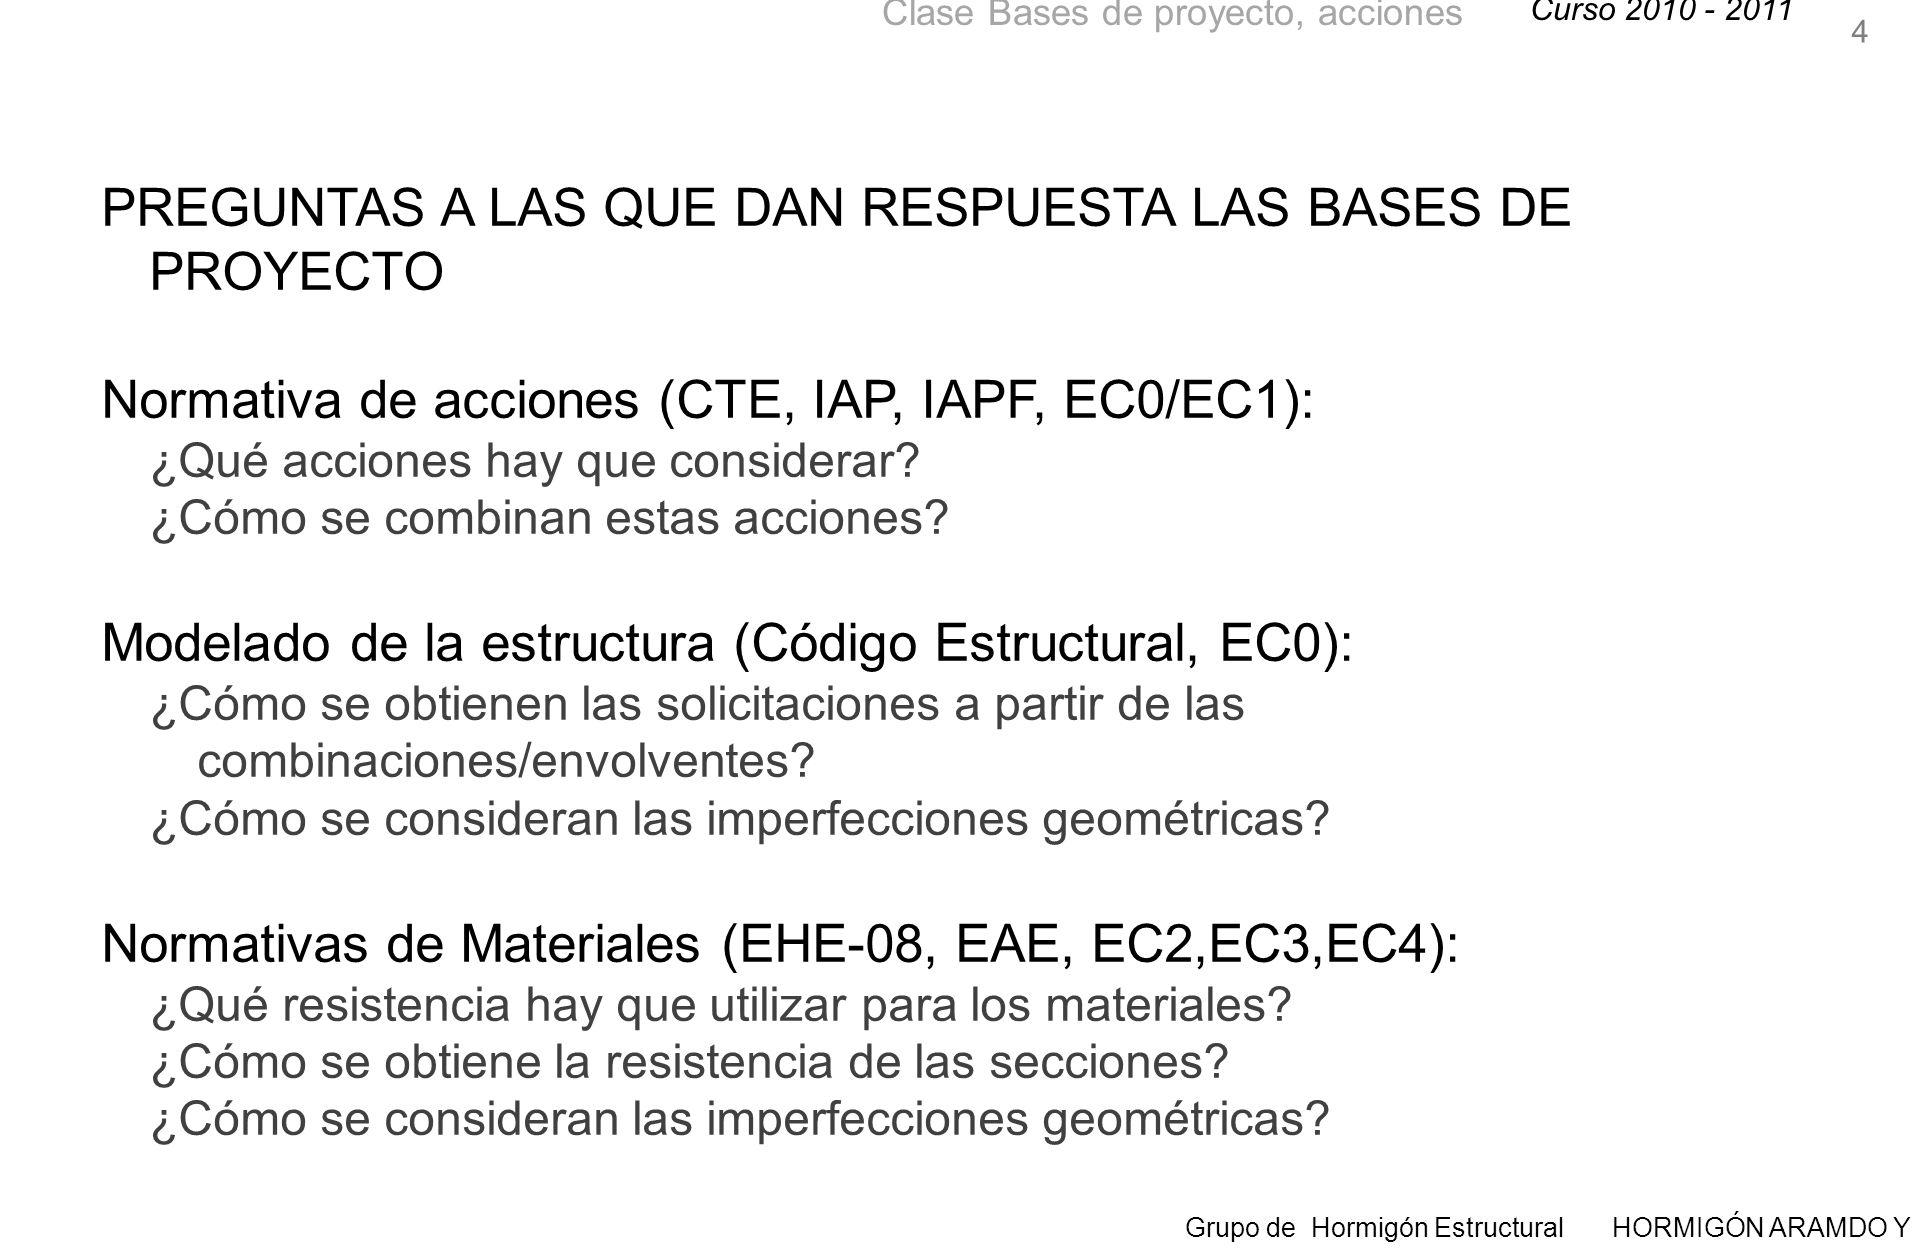 Curso 2010 - 2011 Grupo de Hormigón Estructural HORMIGÓN ARAMDO Y PRETENSADO II Clase Bases de proyecto, acciones PREGUNTAS A LAS QUE DAN RESPUESTA LAS BASES DE PROYECTO Normativa de acciones (CTE, IAP, IAPF, EC0/EC1): ¿Qué acciones hay que considerar.